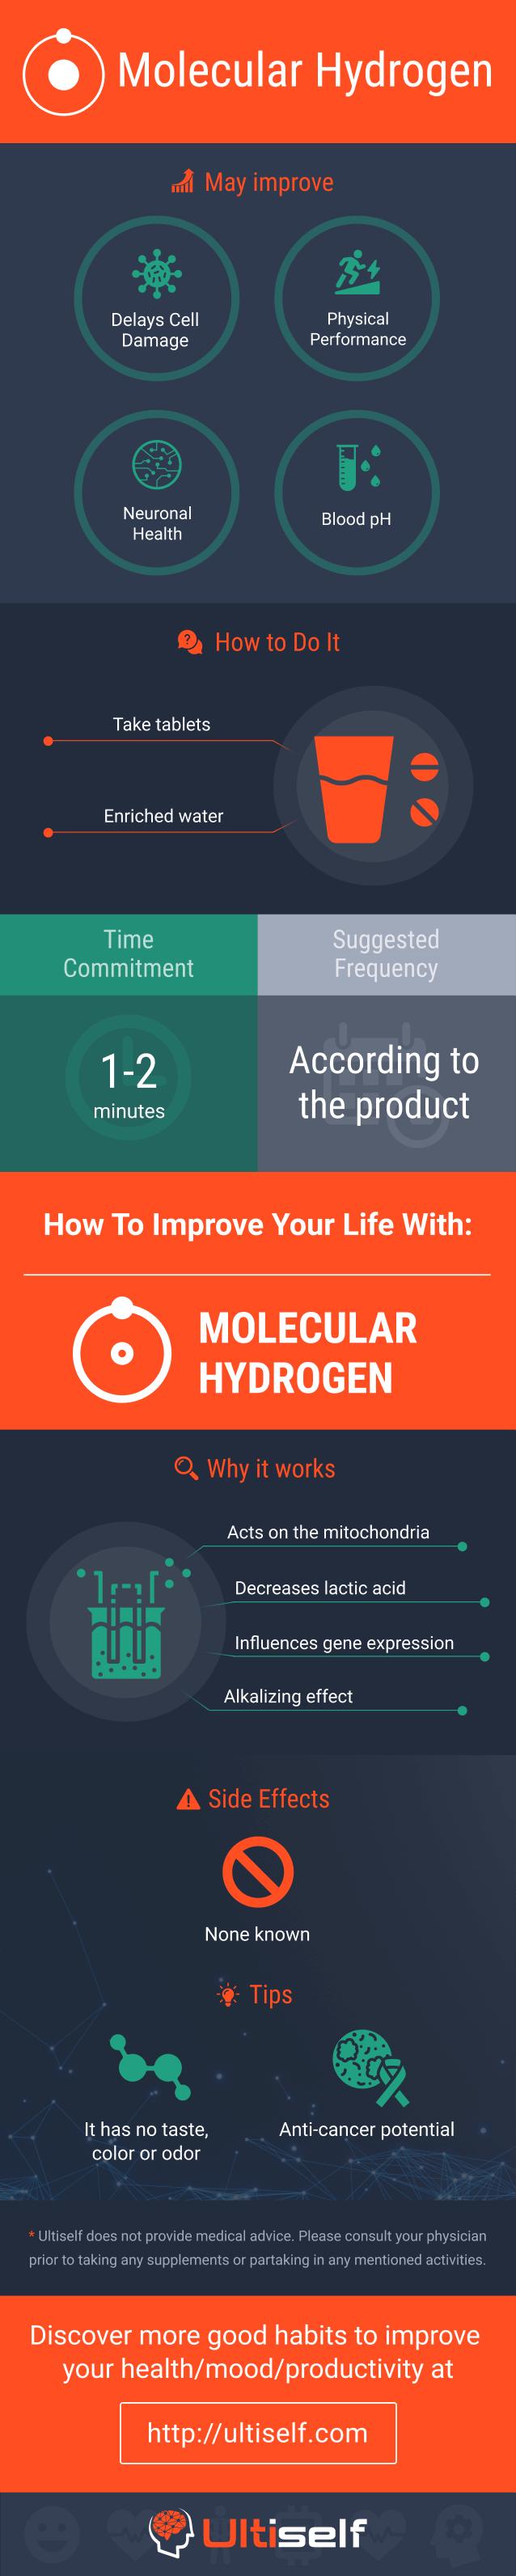 Molecular Hydrogen infographic